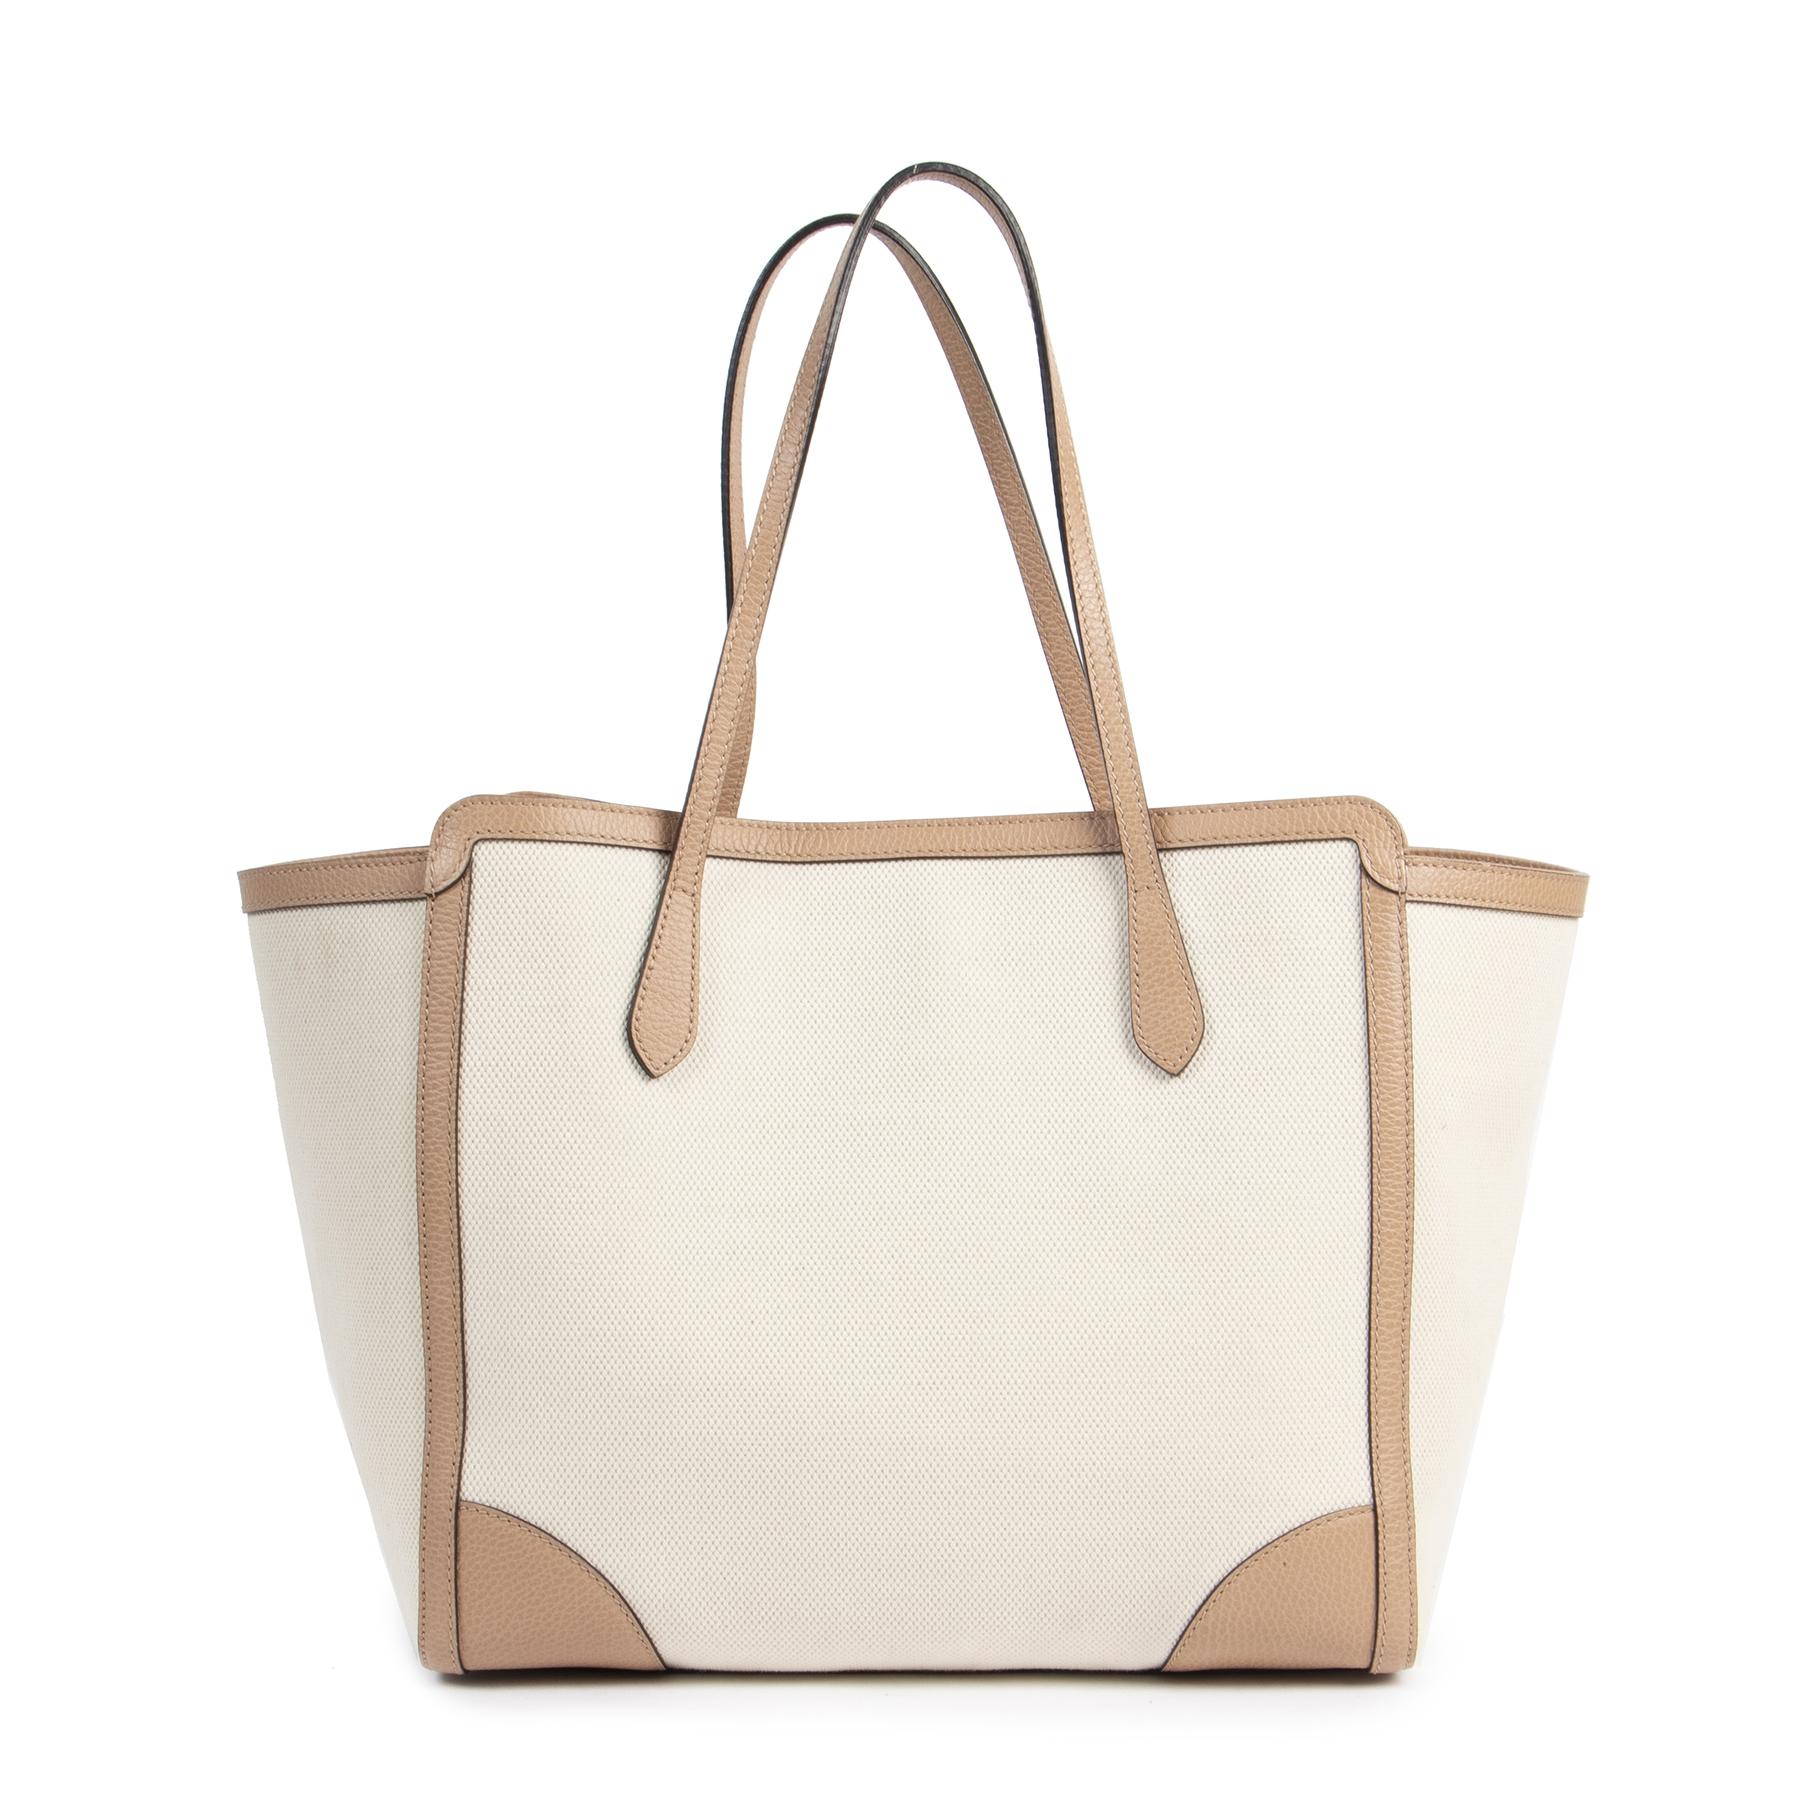 Authentieke Tweedehands Gucci Swing Two Tone Tote Bag juiste prijs veilig online shoppen luxe merken webshop winkelen Antwerpen België mode fashion